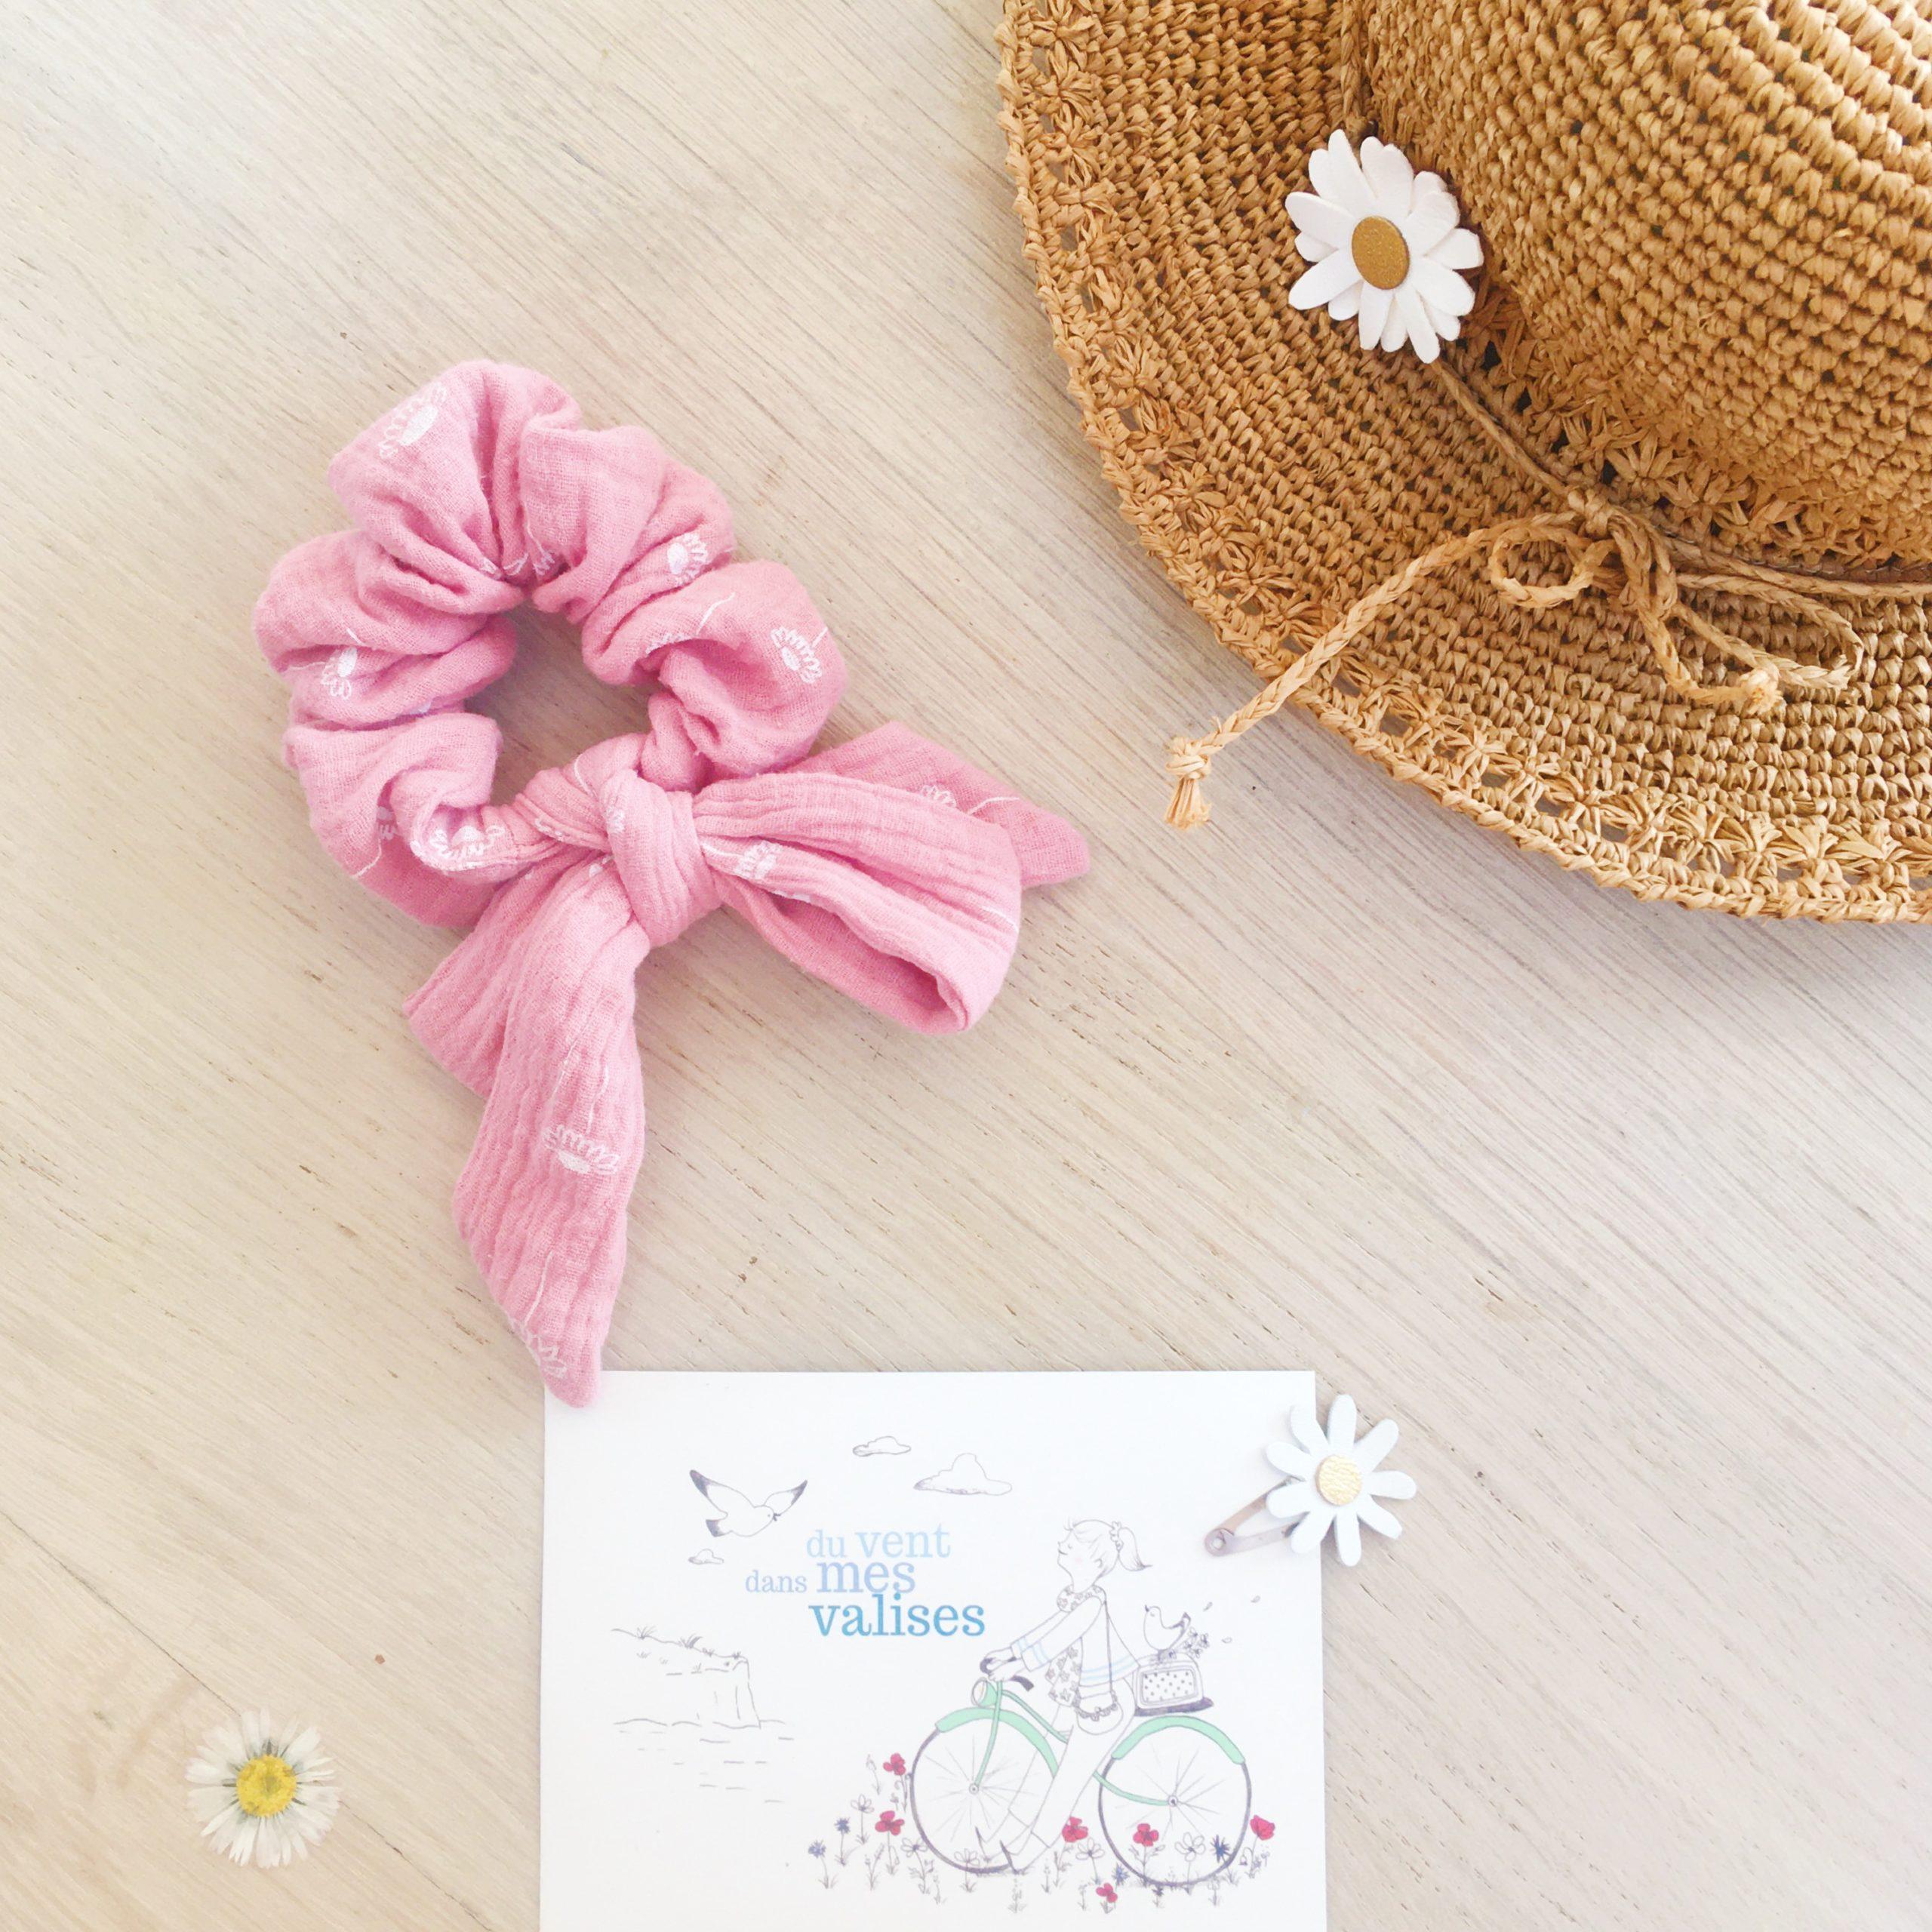 chouchou noeud foulchie chic motif adorables pâquerettes rose fabrication artisanale française en double gaze de coton - du vent dans mes valises3